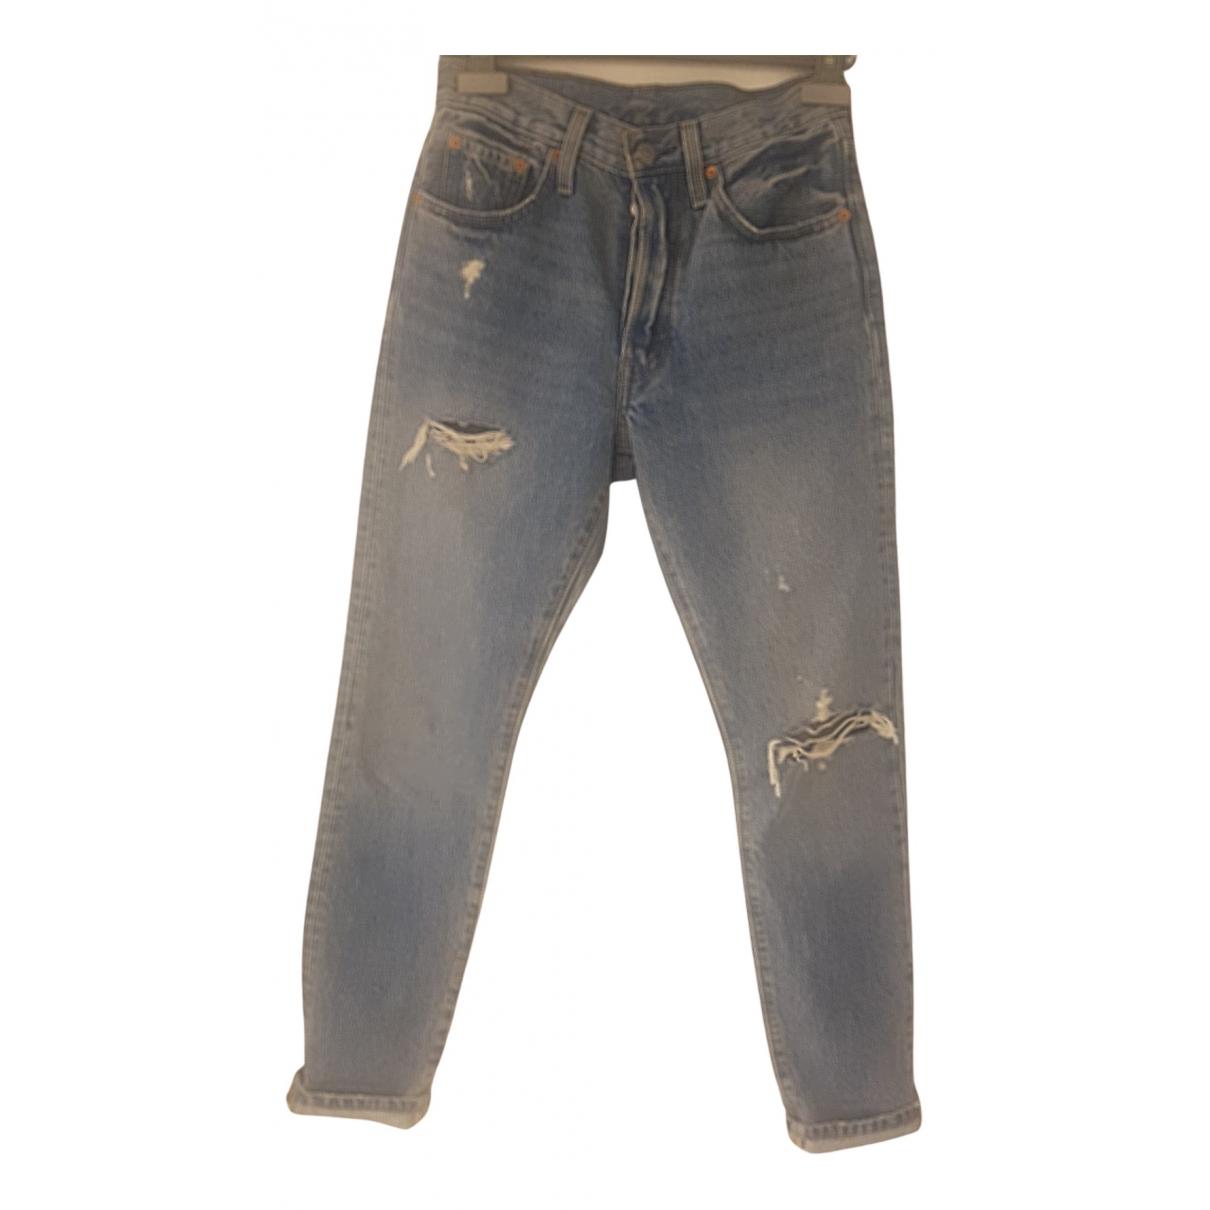 Levi's 501 Blue Cotton Jeans for Women 24 US